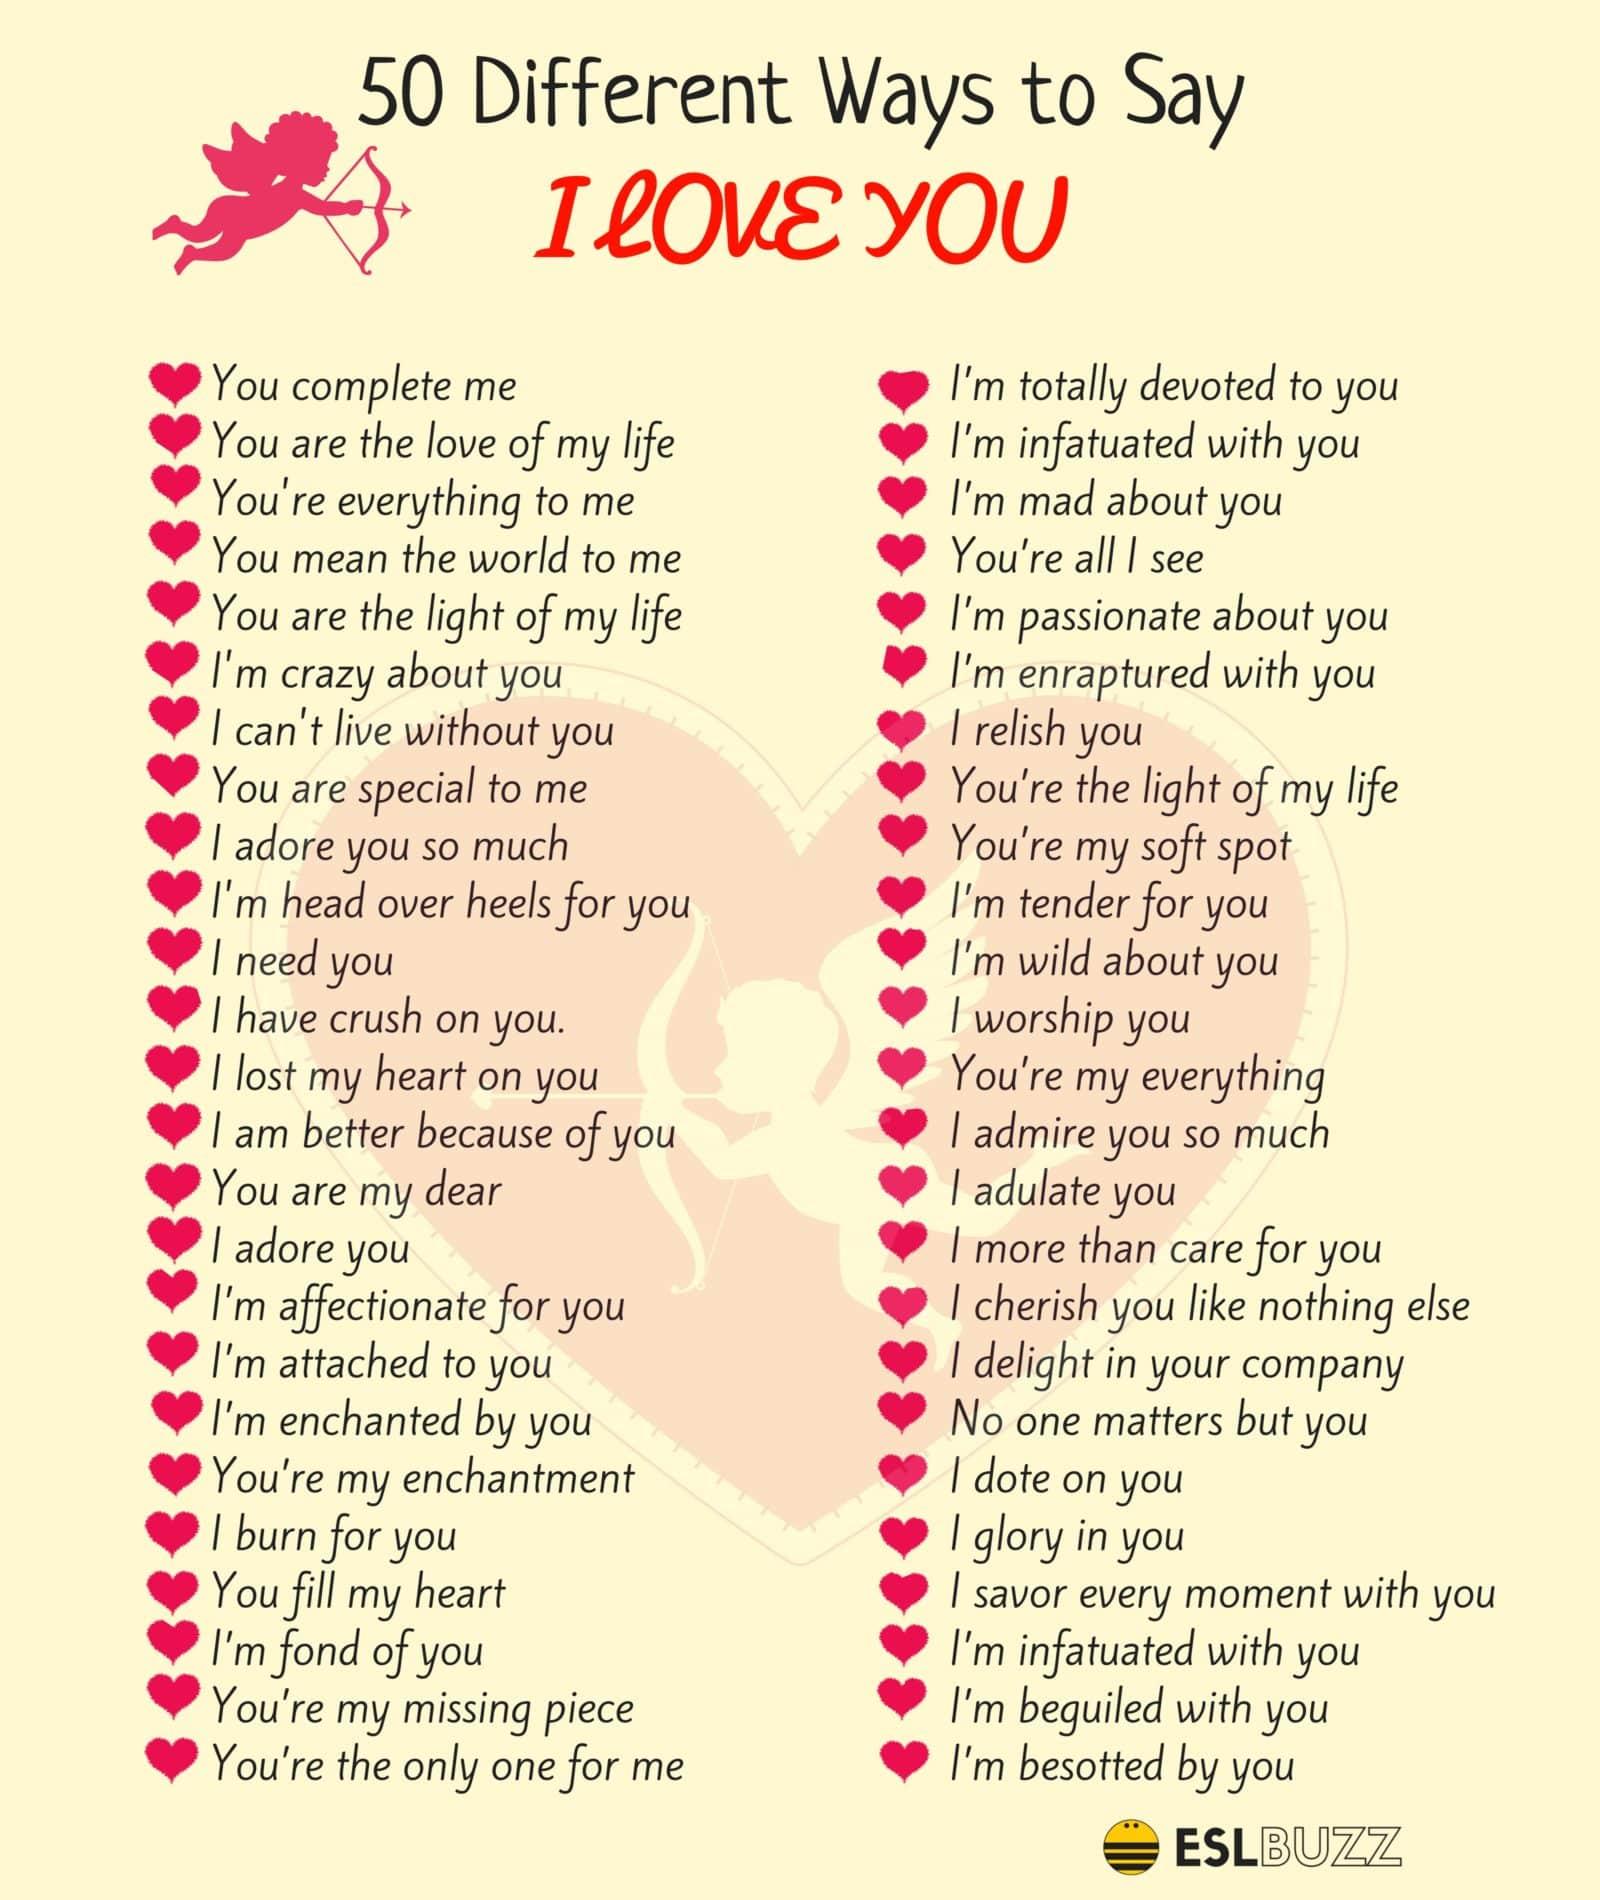 100+ Beautifully Romantic Ways To Say I LOVE YOU! - ESL